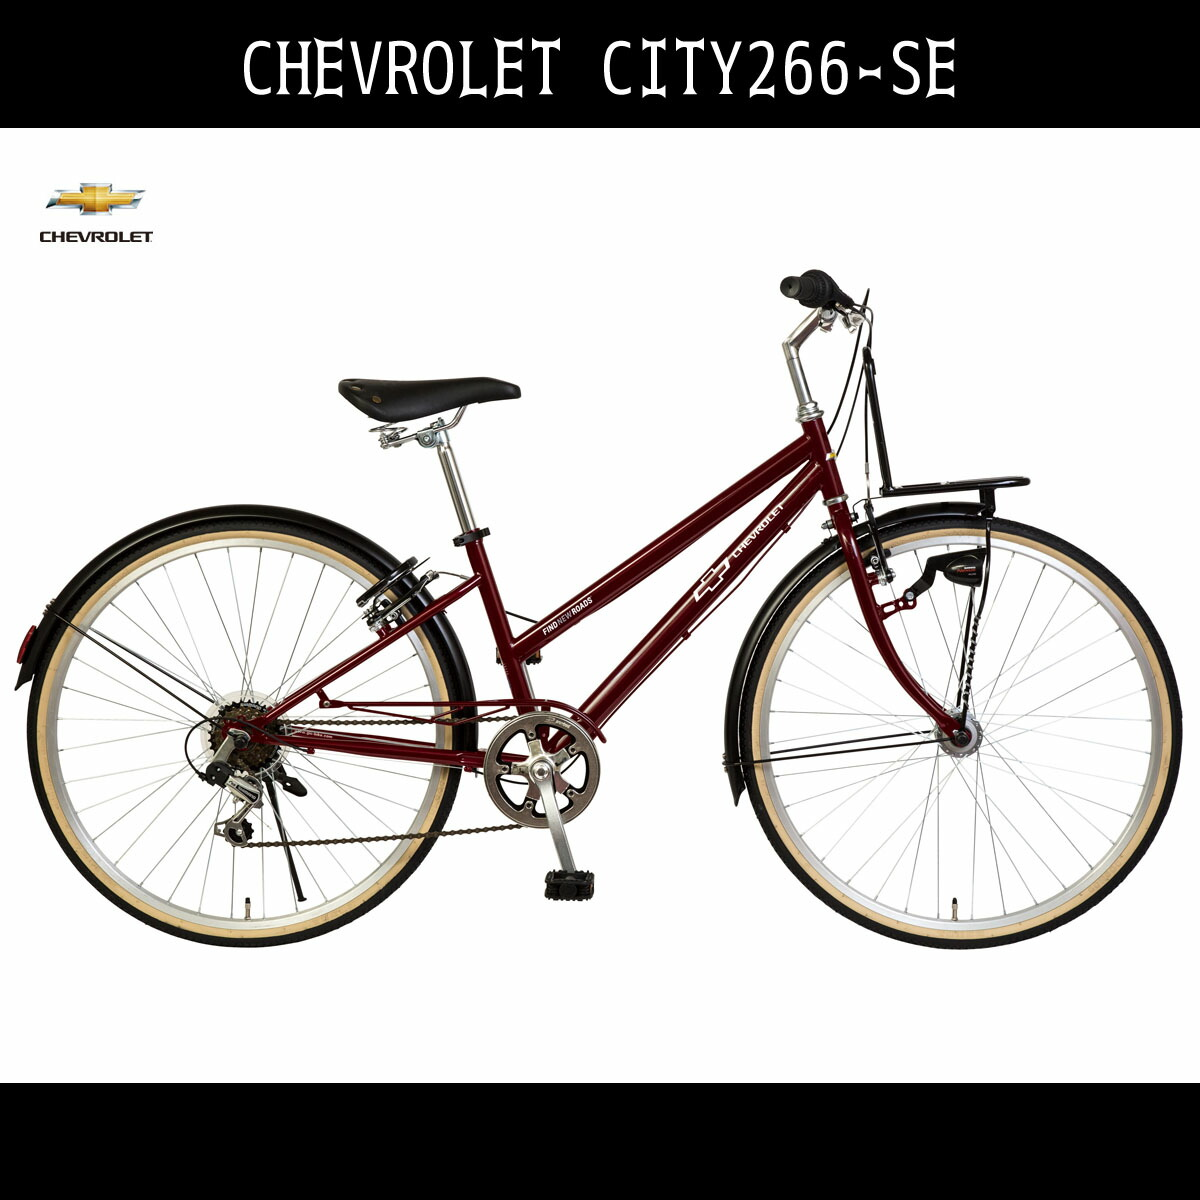 自転車 シボレー シティサイクル シティクロスバイク ネイビー 紺色26インチ シティ車 外装6段変速ギア LEDオートライト 鍵付きの自転車 CHEVROLET CHEVY シェビー シボレー CITY266-SE クロスバイク